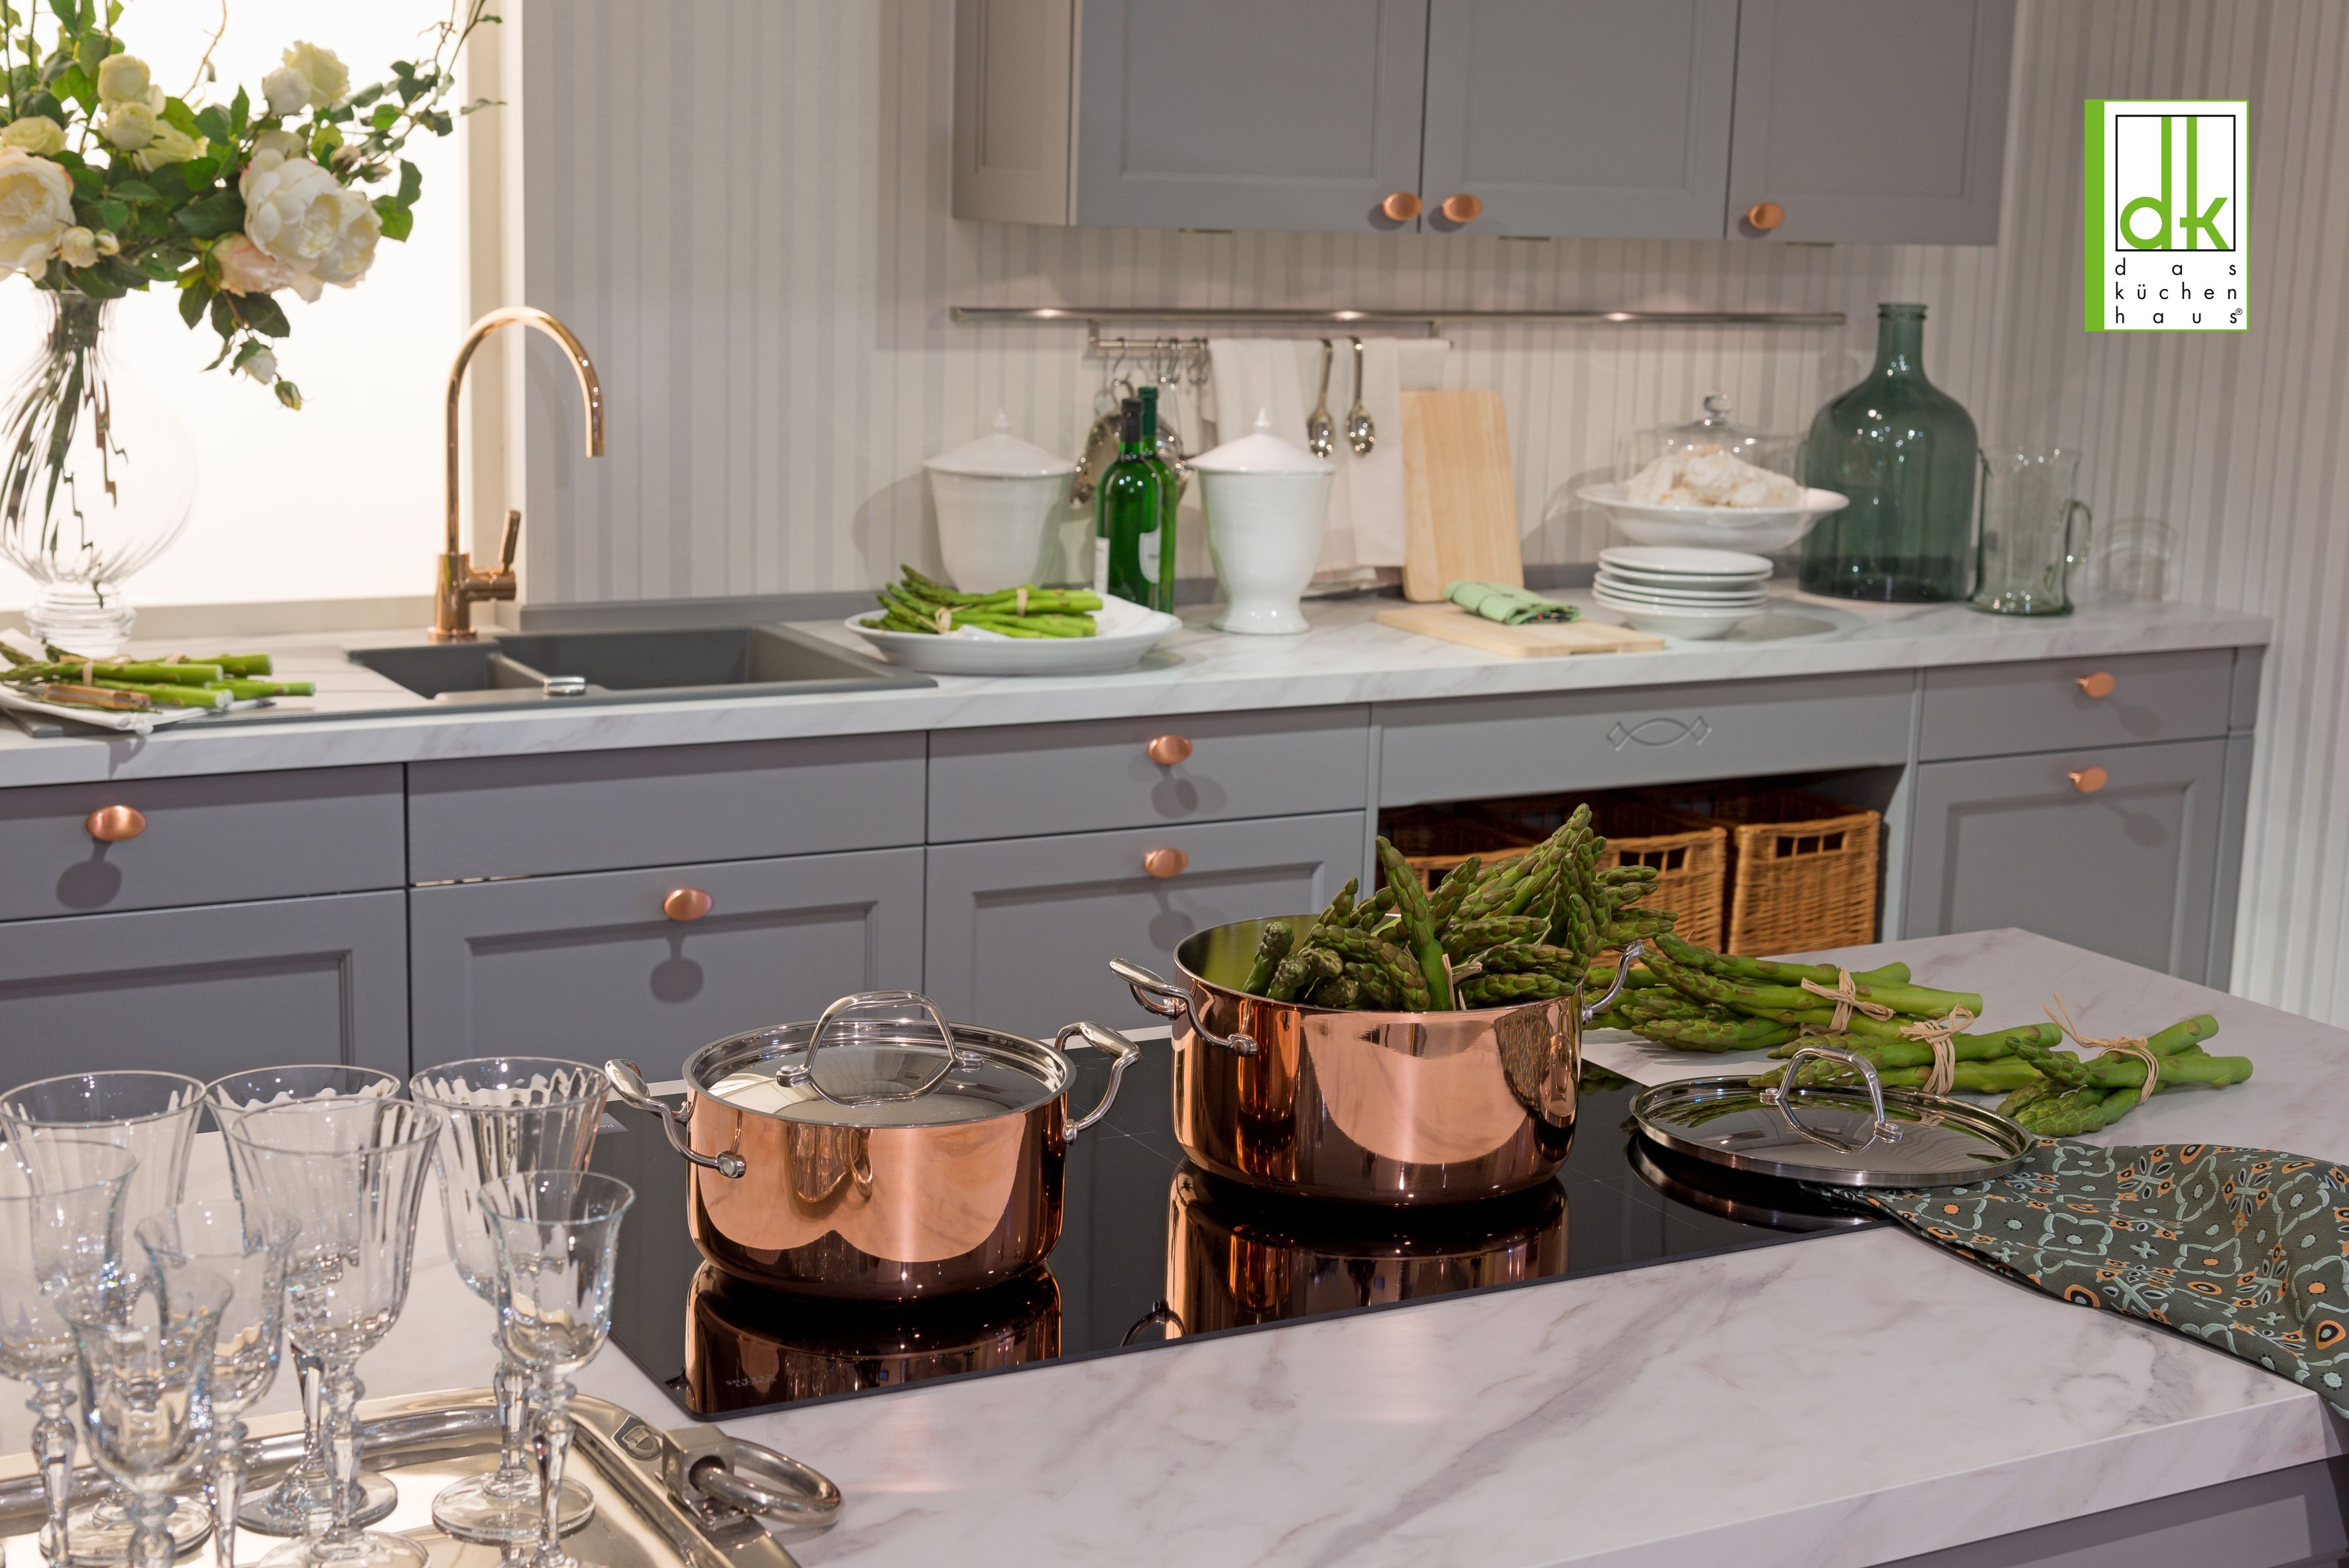 Graue Küchenzeile mit Landhausflair